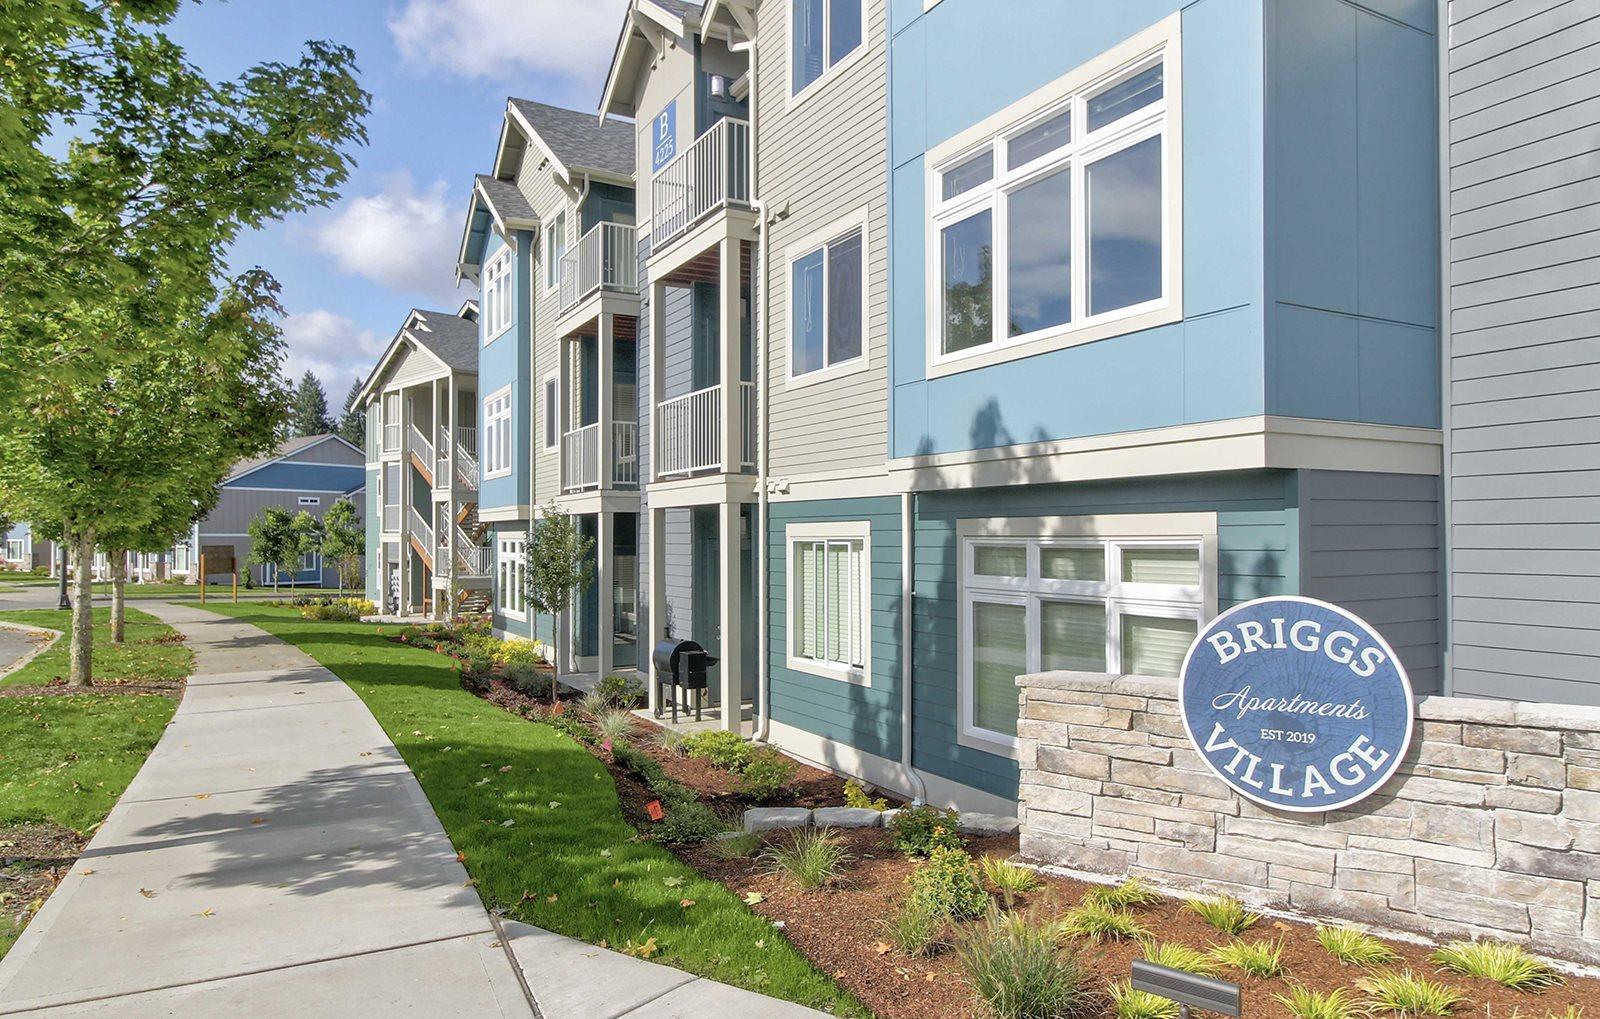 Building Row | Briggs Village Apartments in OLYMPIA, WA 98501